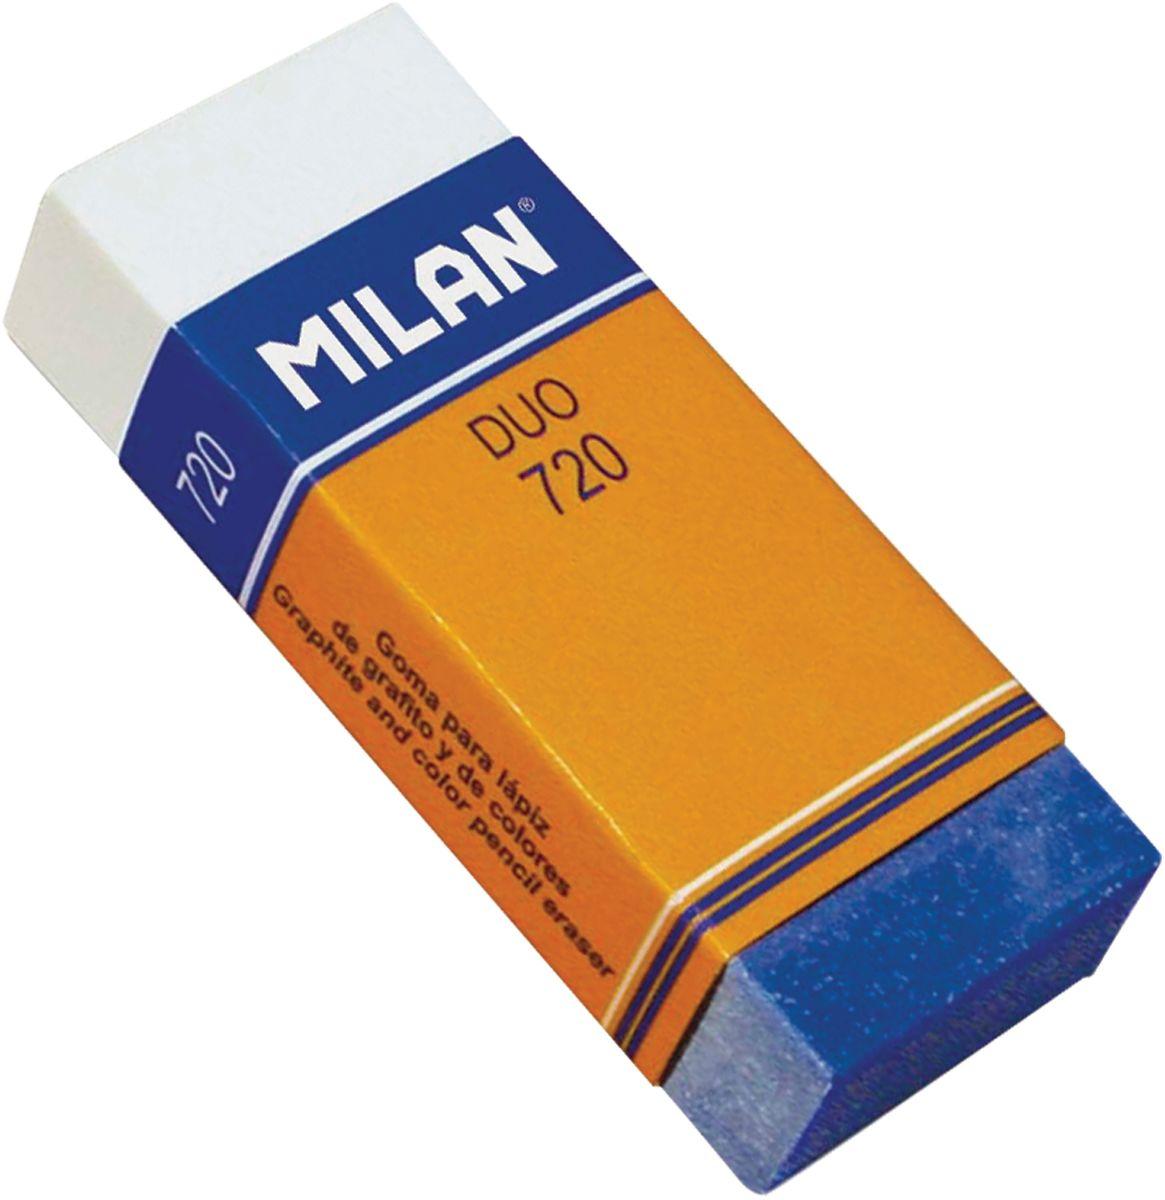 Milan Ластик Duo 720 прямоугольный34650_желтый, зеленыйЛастик Milan Duo 720 - это высокоэффективный синтетический ластик нового поколения для работы с любыми видами графита и пигментов. Яркое дизайнерское решение подсказано функциональными особенностями полимерных добавок, повышающих абсорбирующие свойства и гарантирующих бережное отношение к структуре бумаги.